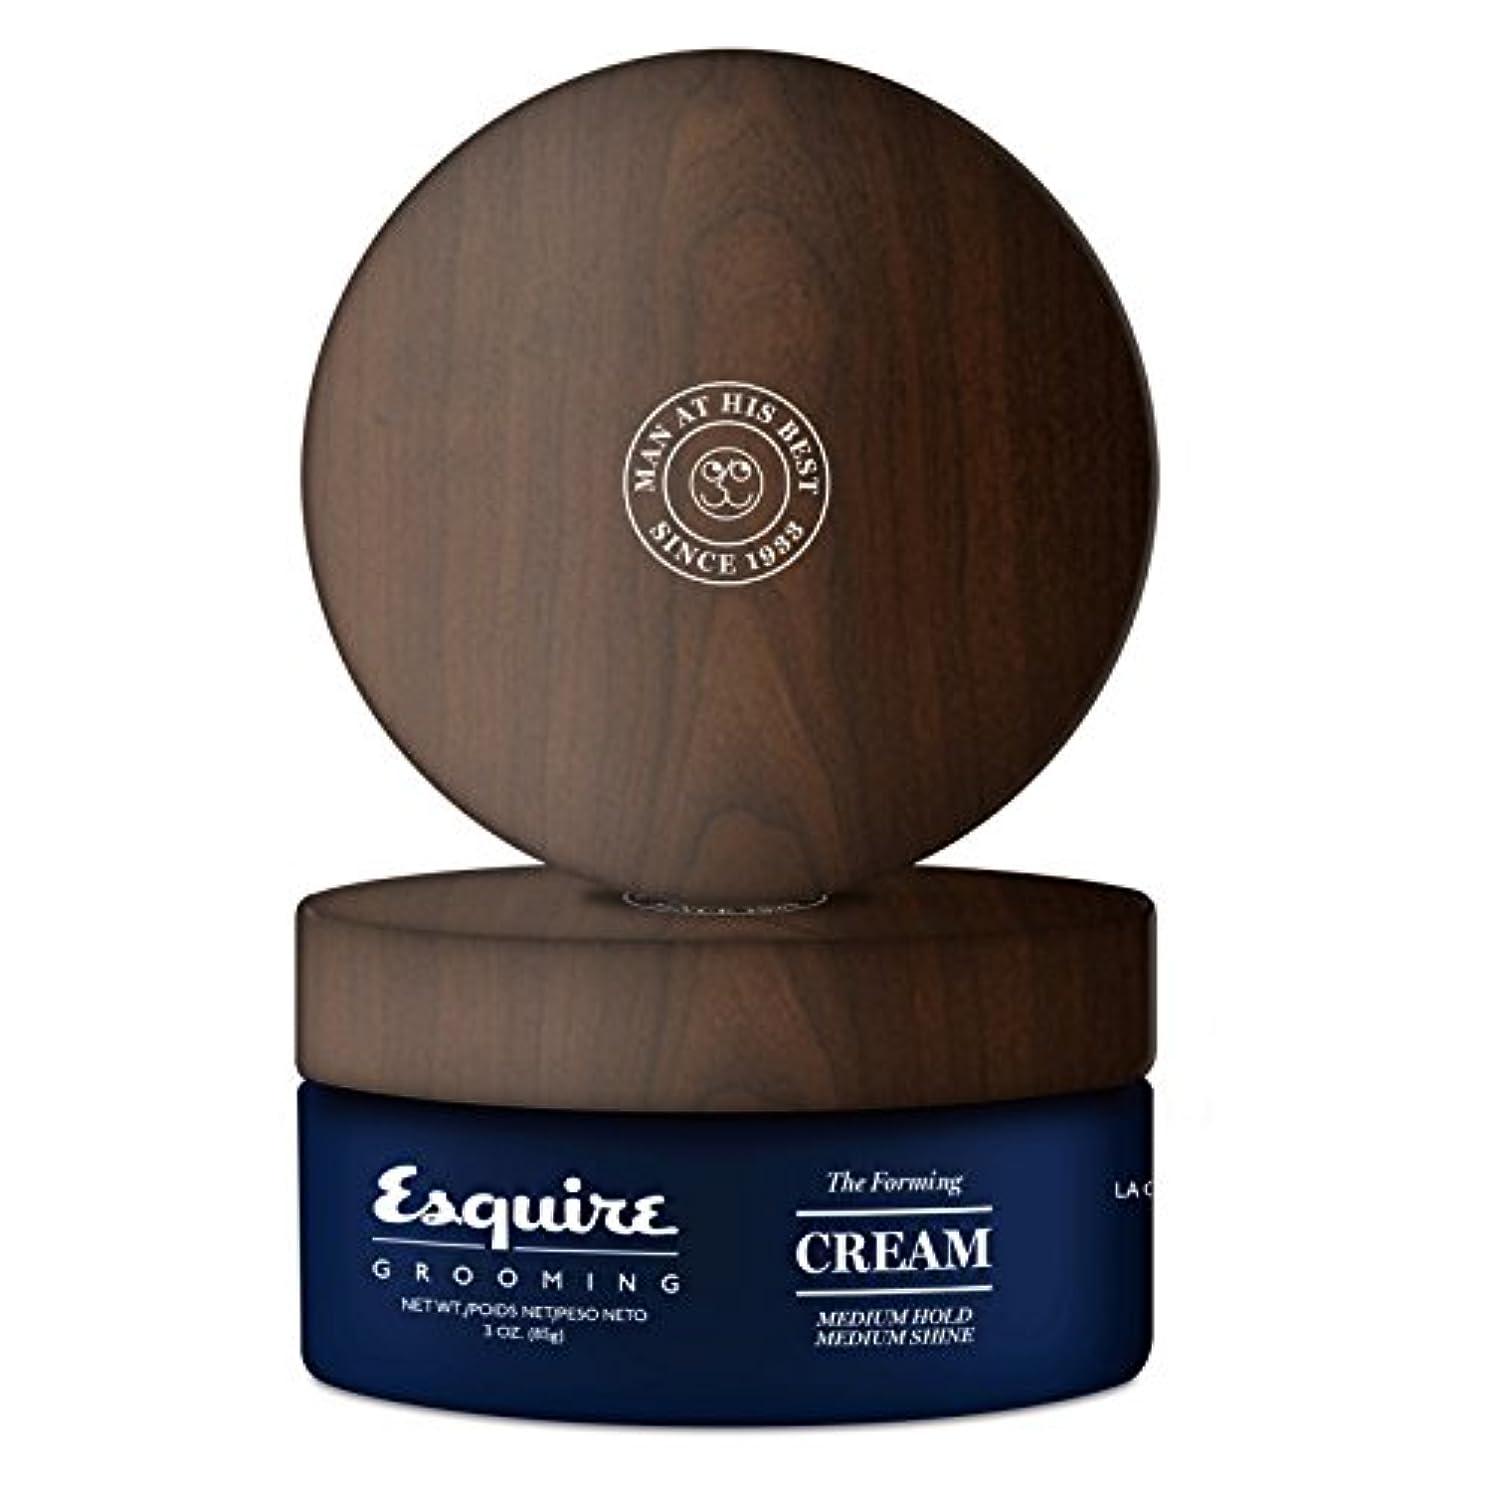 防止シェトランド諸島礼拝CHI Esquire Grooming The Forming Cream (Medium Hold, Medium Shine) 85g/3oz並行輸入品